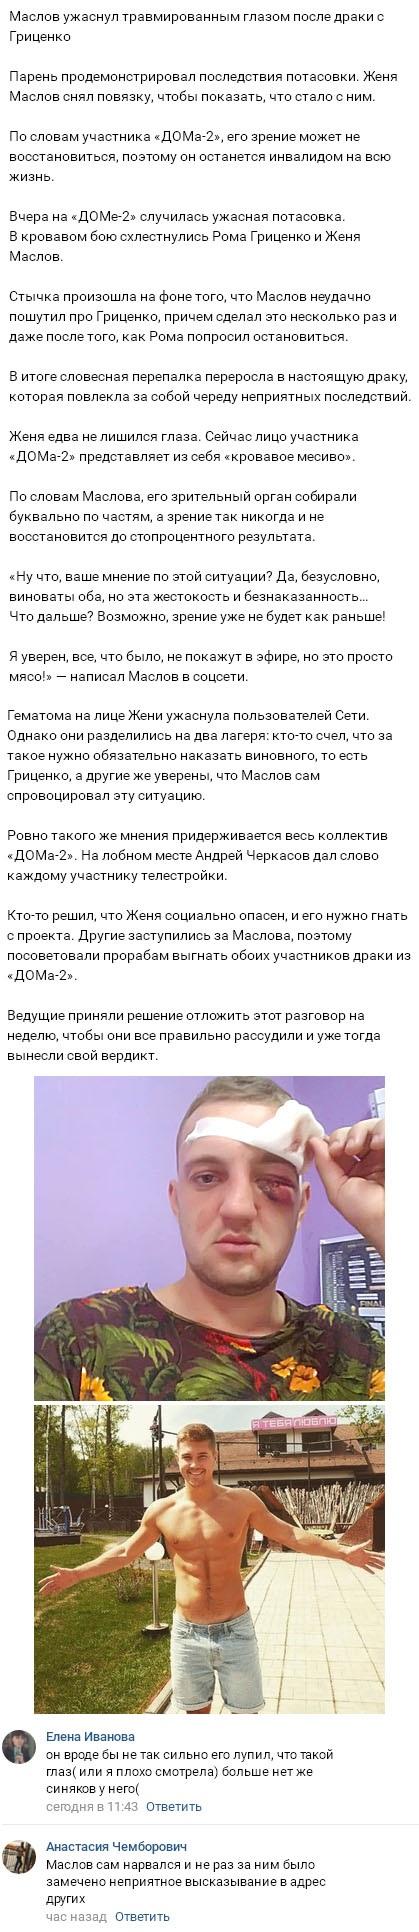 Евгений Маслов показал свой разбиты глаз